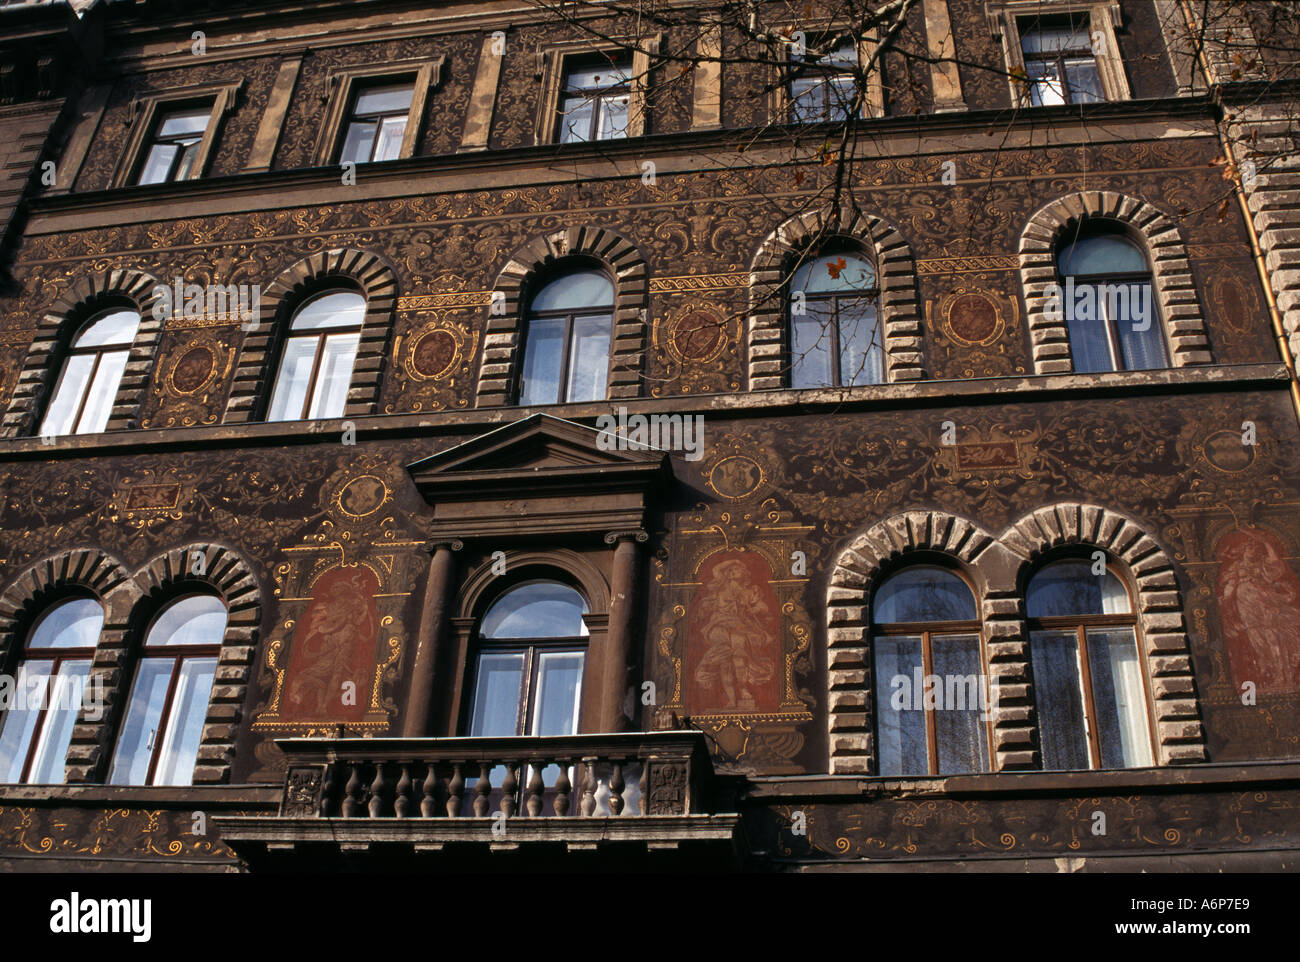 Decorazione in stile neo-classico su un palazzo su Andrassy Ut Budapest Ungheria Immagini Stock